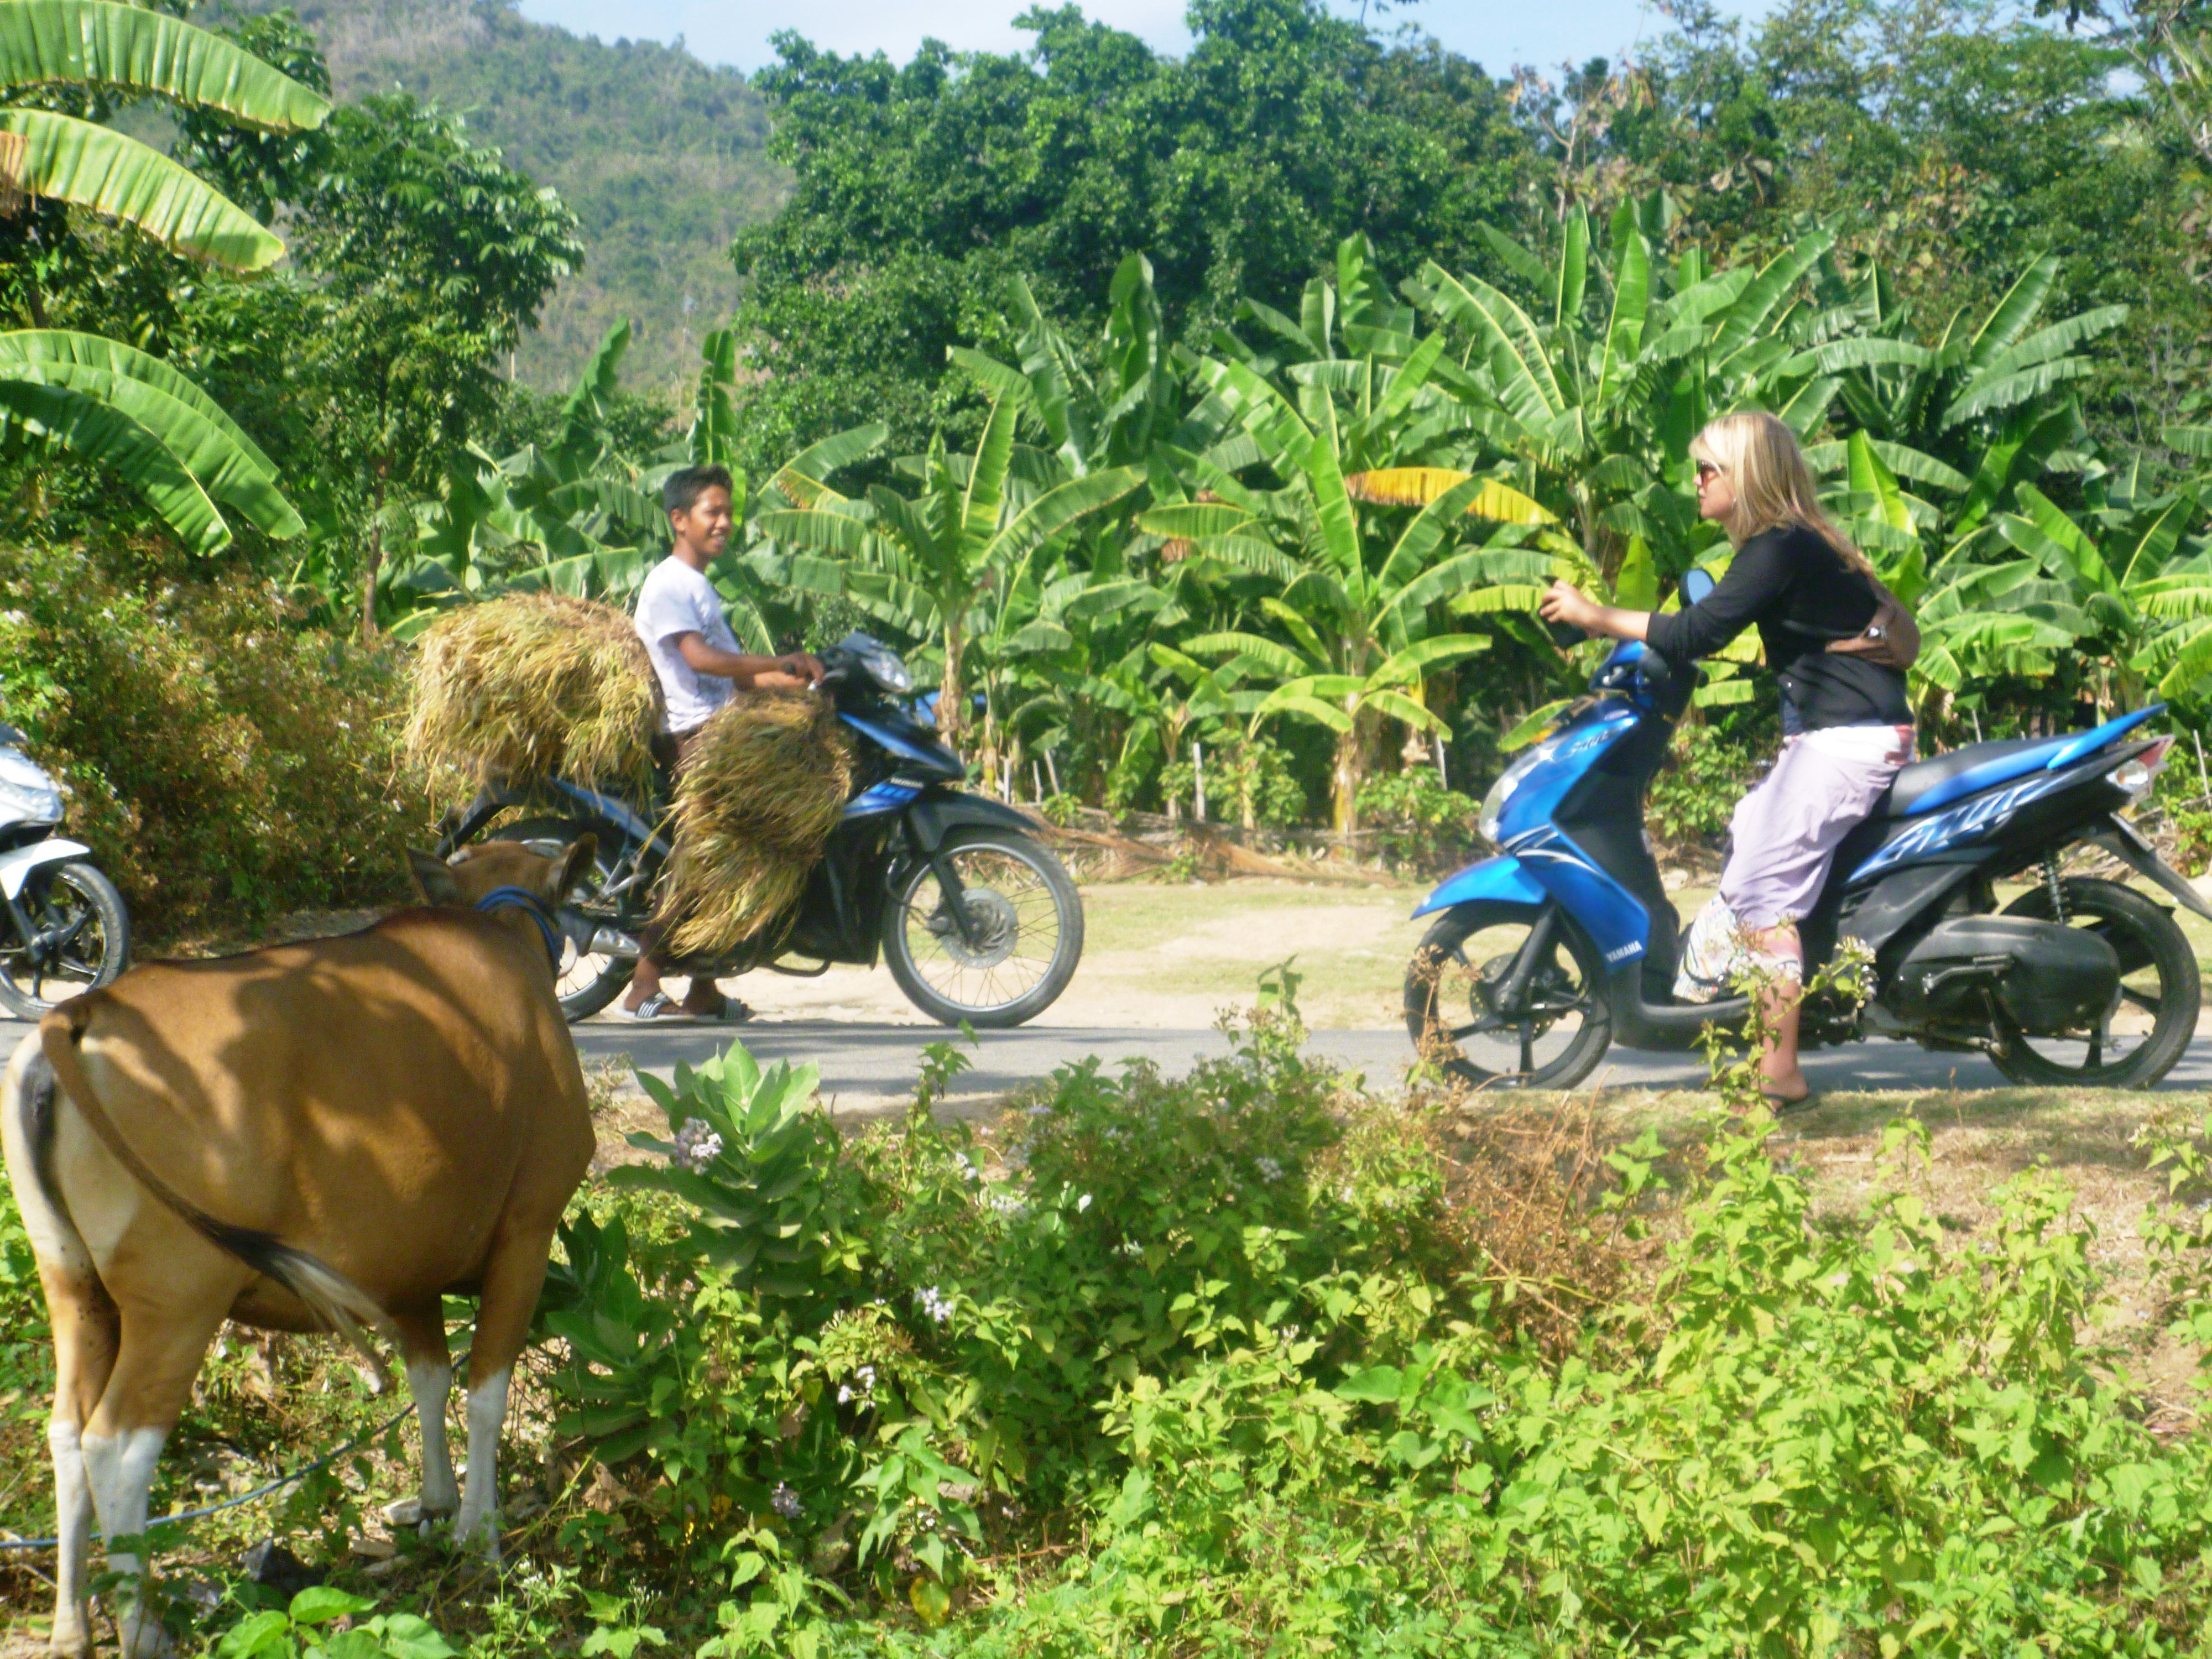 Roller Mieten In Indonesien Alles Rund Ums Roller Fahren Indojunkie